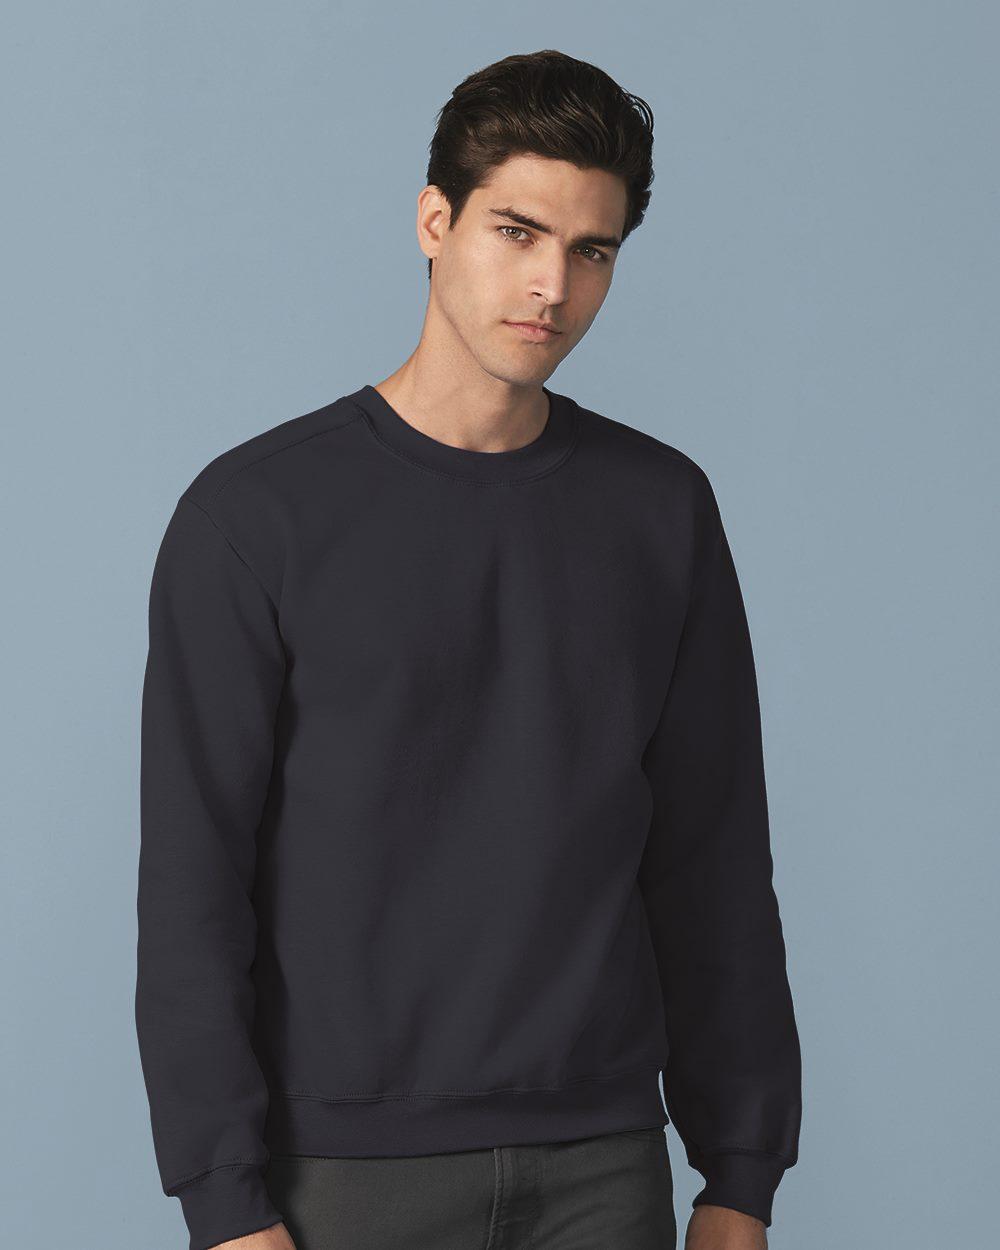 Gildan 92000 - Adult Premium Cotton Crew Neck Sweatshirt